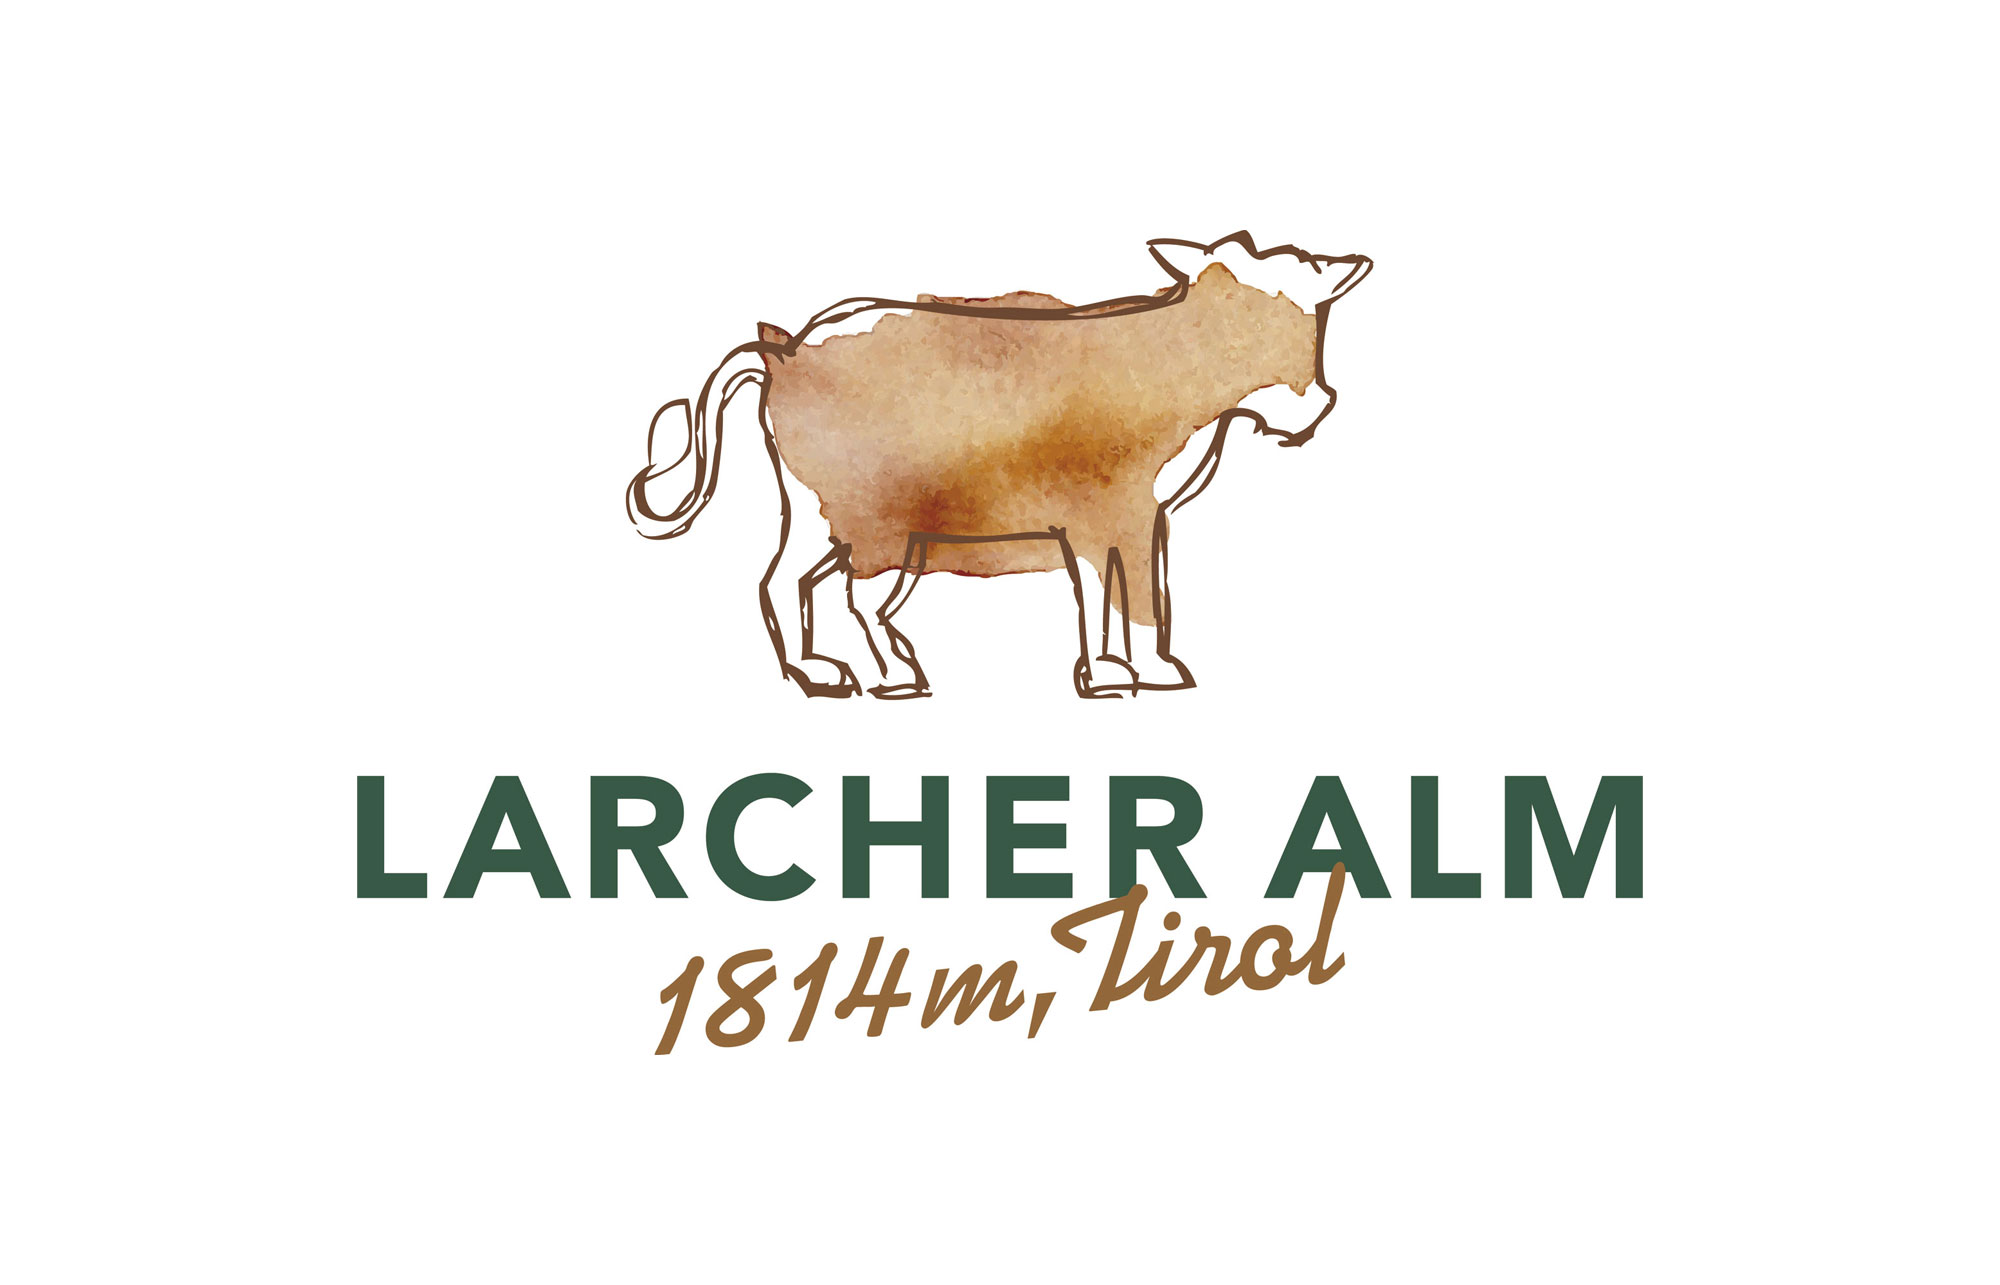 Das fertige Larcher Alm Logo inkl. Schriftzug